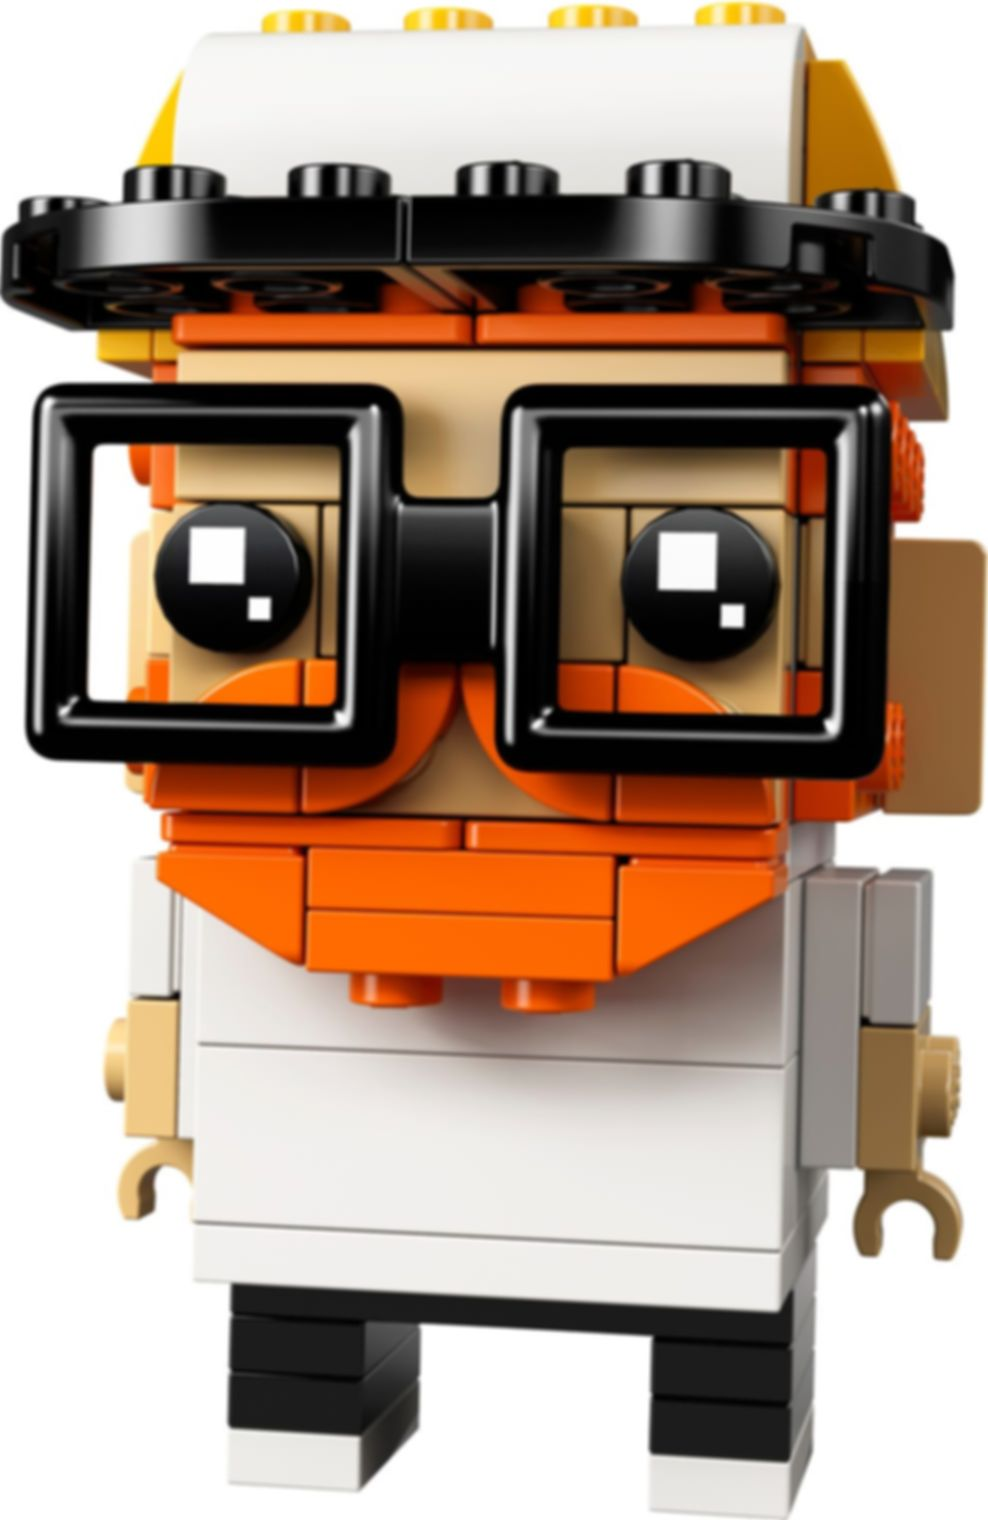 Go Brick Me components